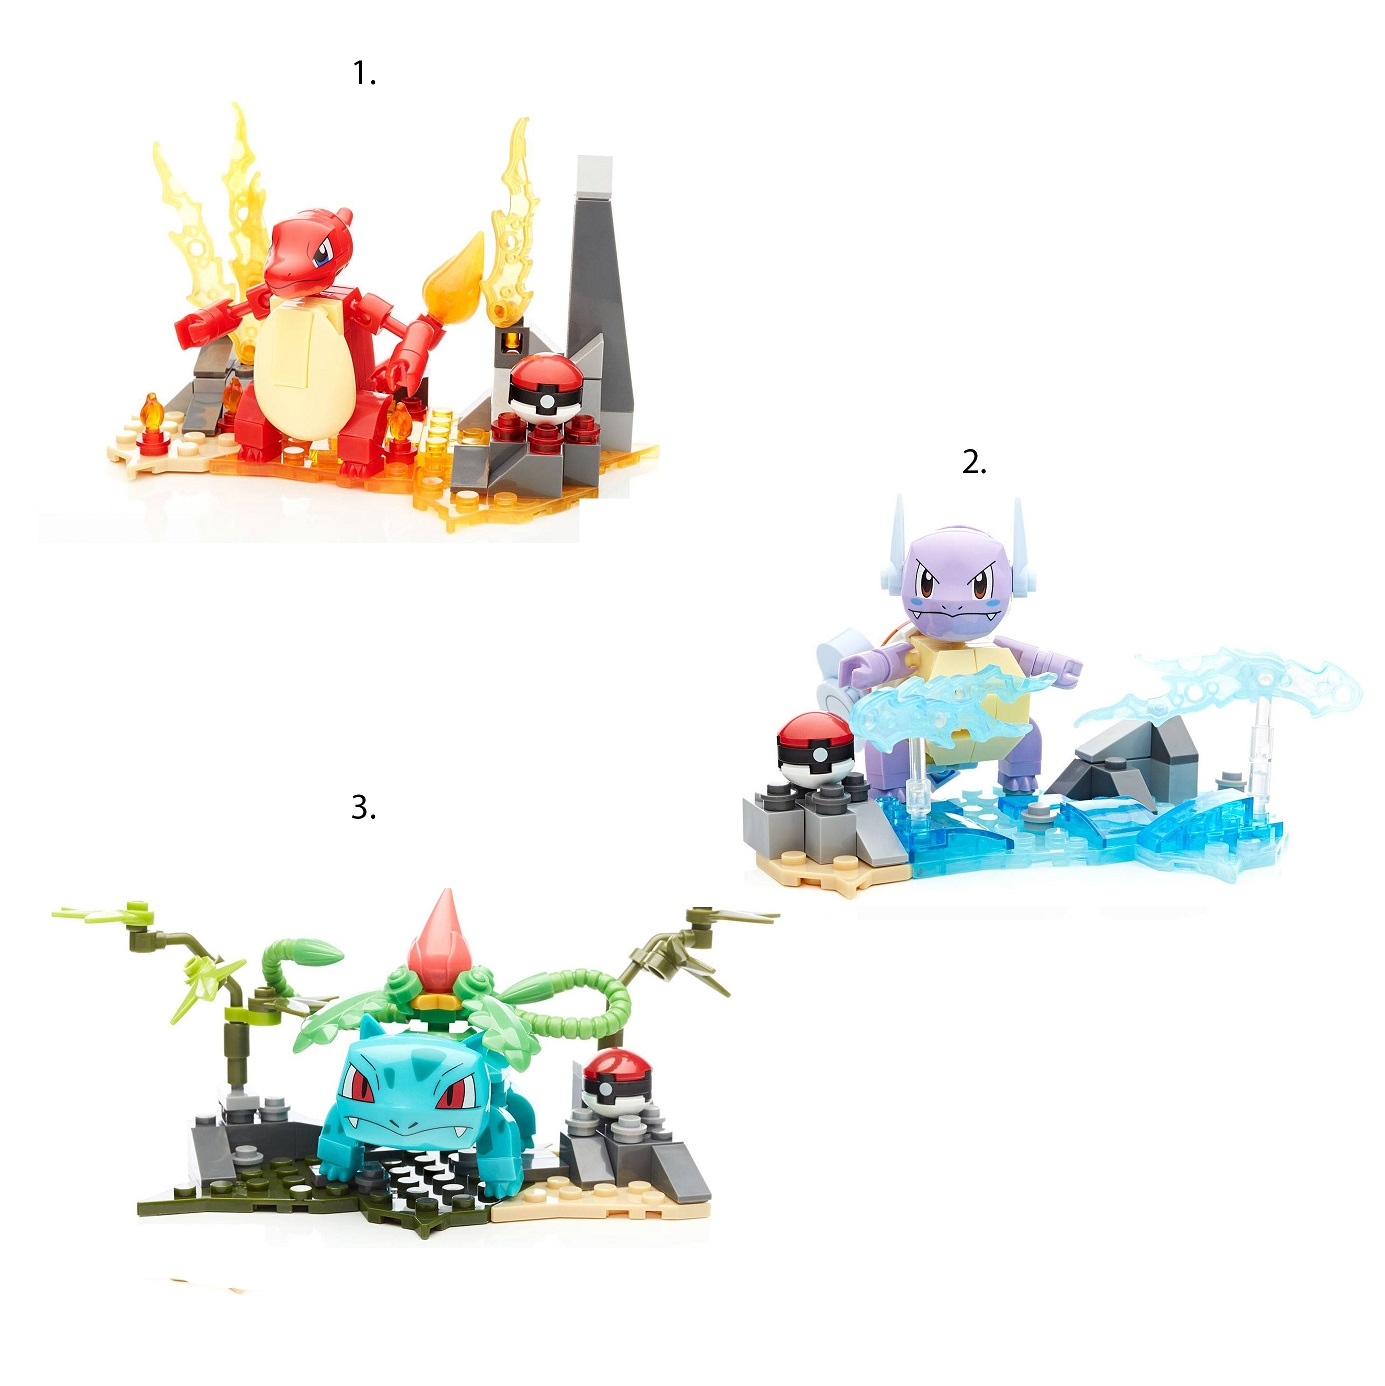 Купить Конструктор из серии Mega Construx Покемон - Эволюция, 3 вида, Mattel